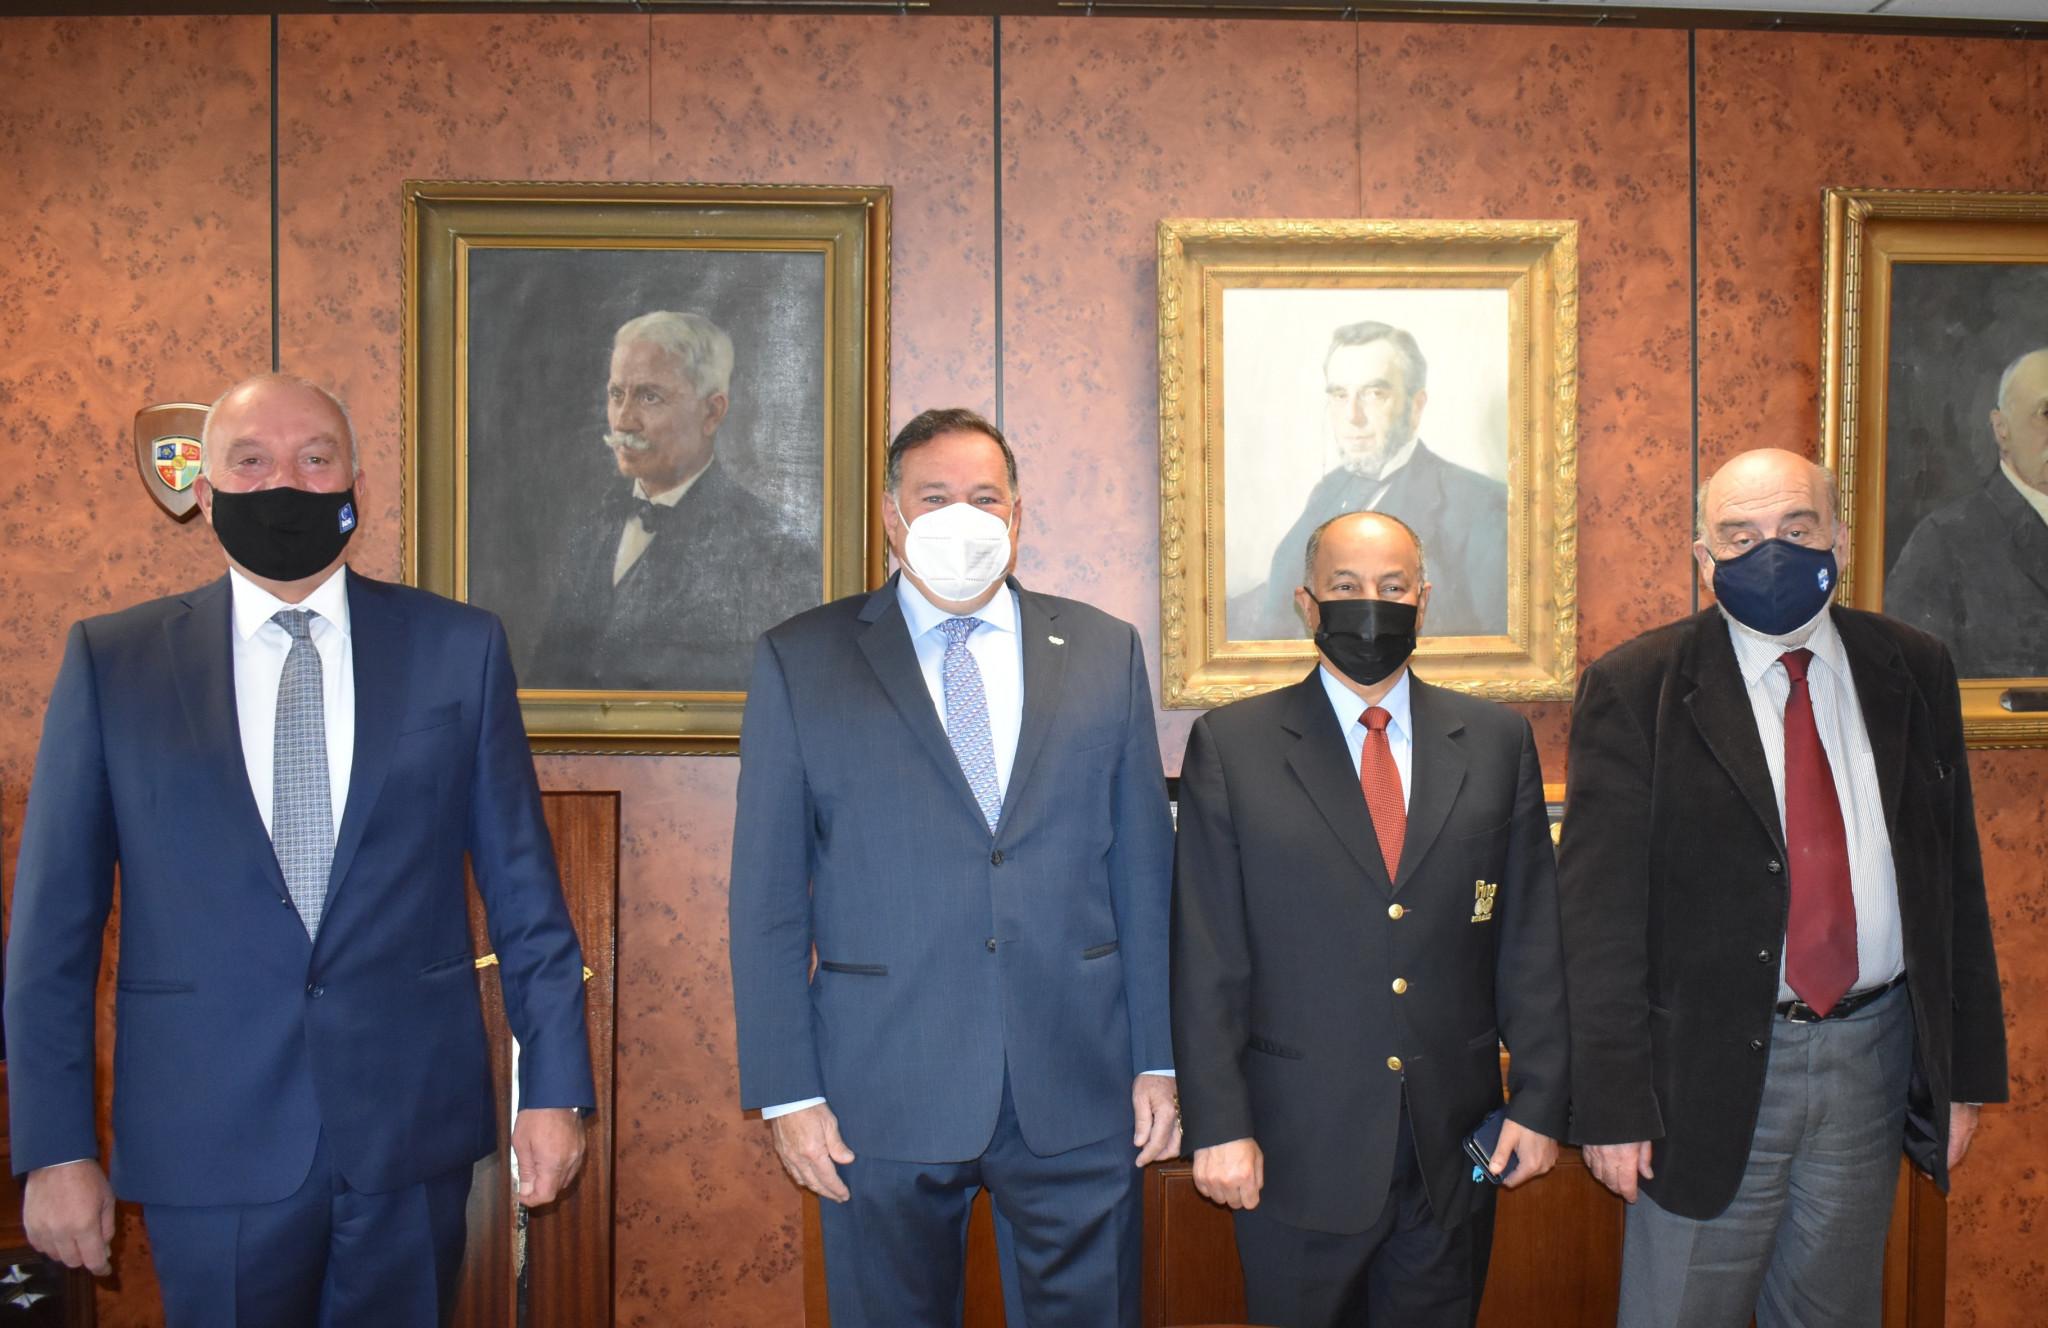 From left to right, Kyriakos Giannopoulos, Spyros Capralos, Husain Al-Musallam and Manolis Kolympadis ©HOC